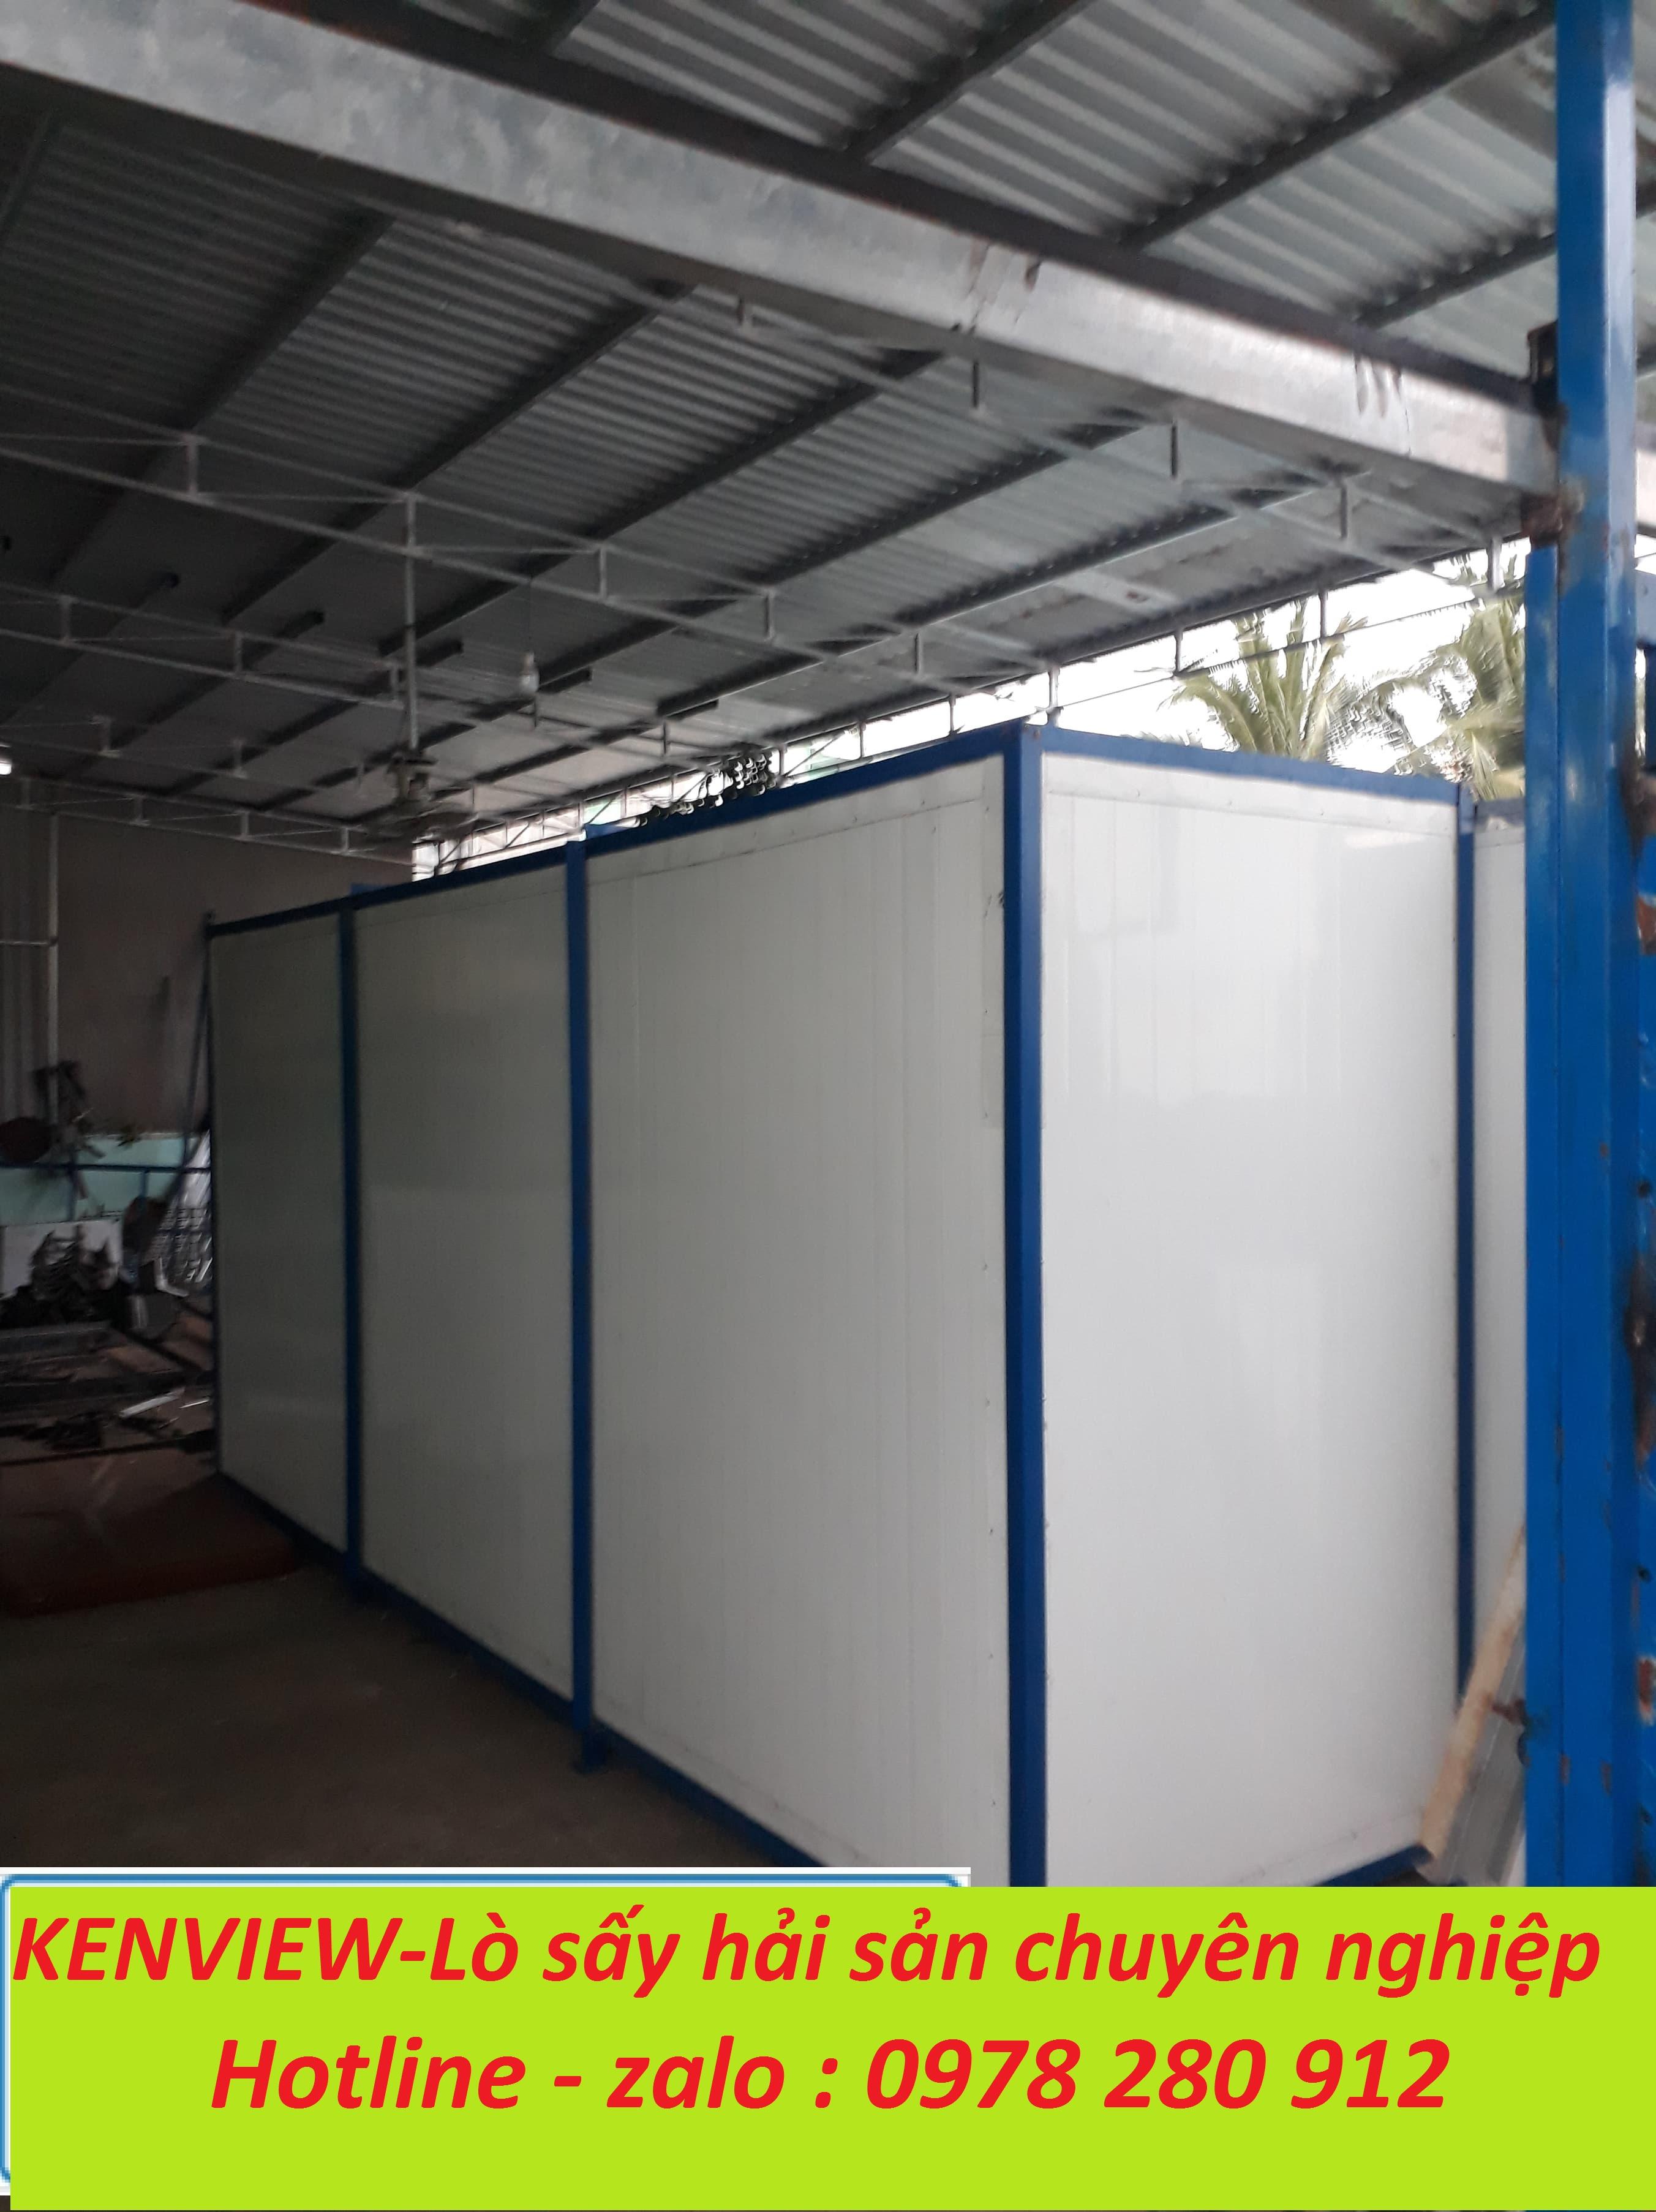 Kenview-lò sấy hải sản chuyên nghiệp-0978280912